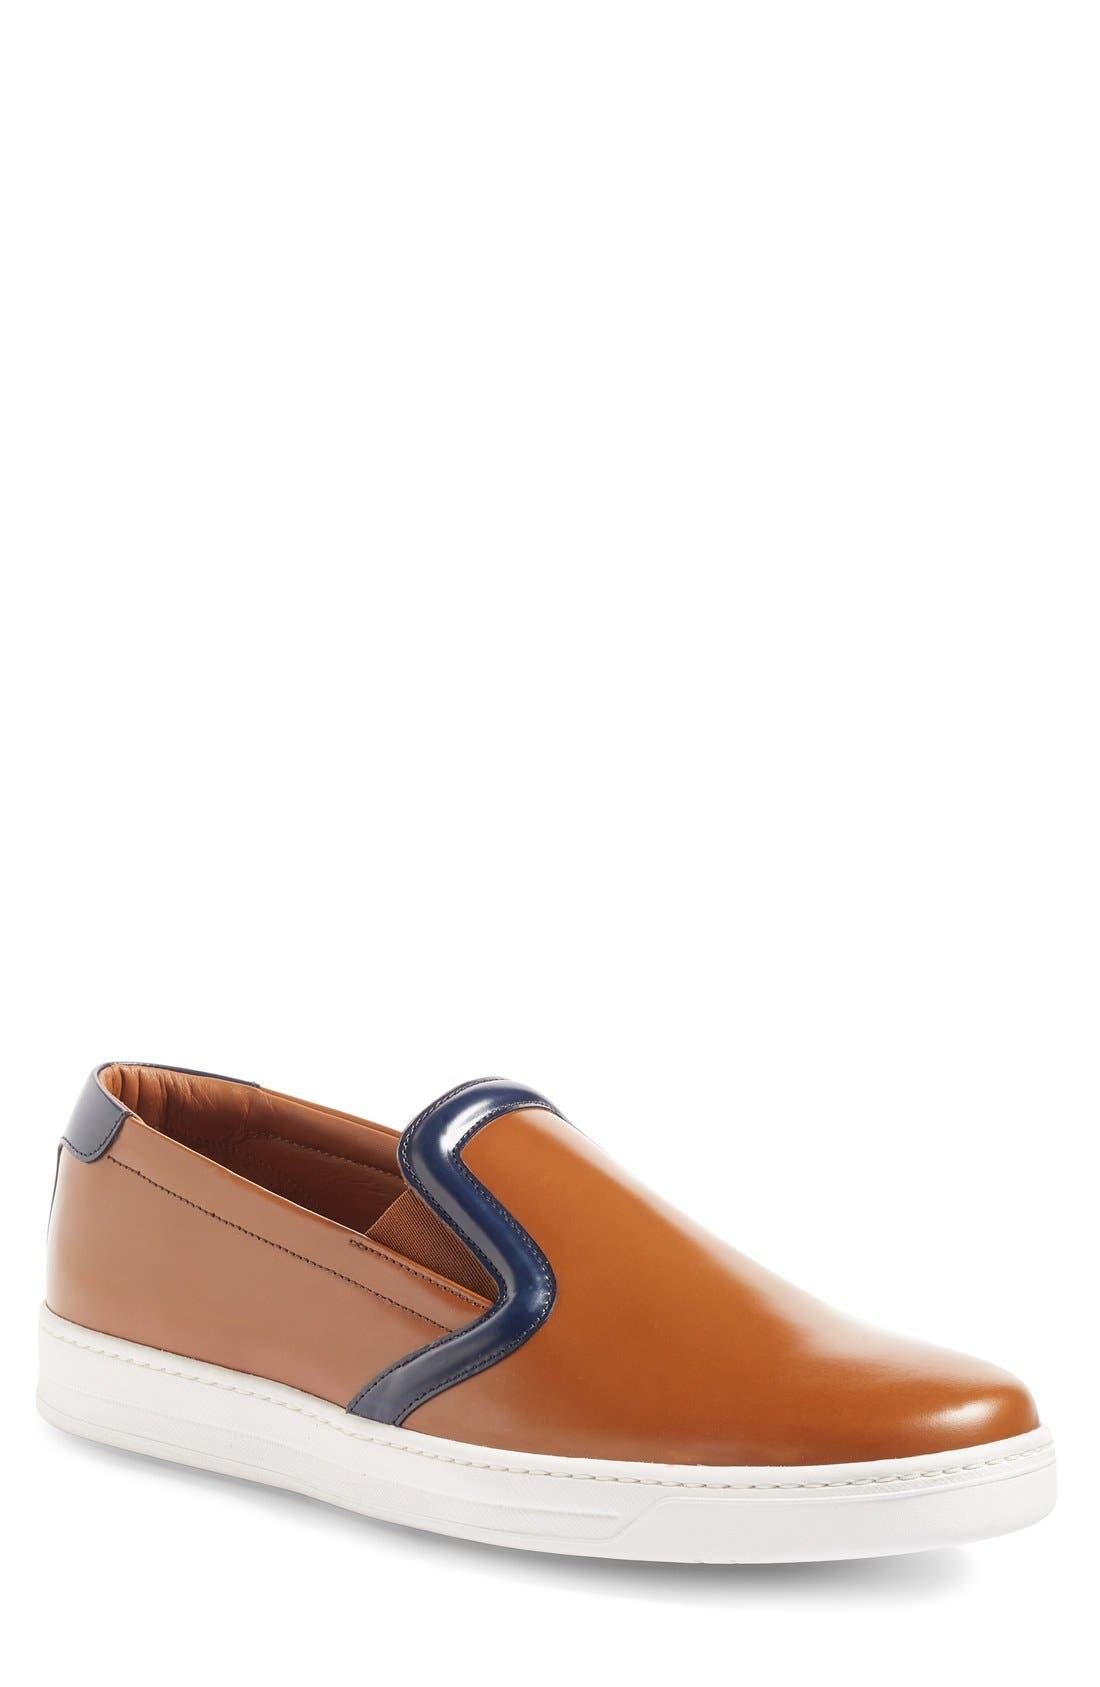 PRADA LINEA ROSSA Slip-On Sneaker